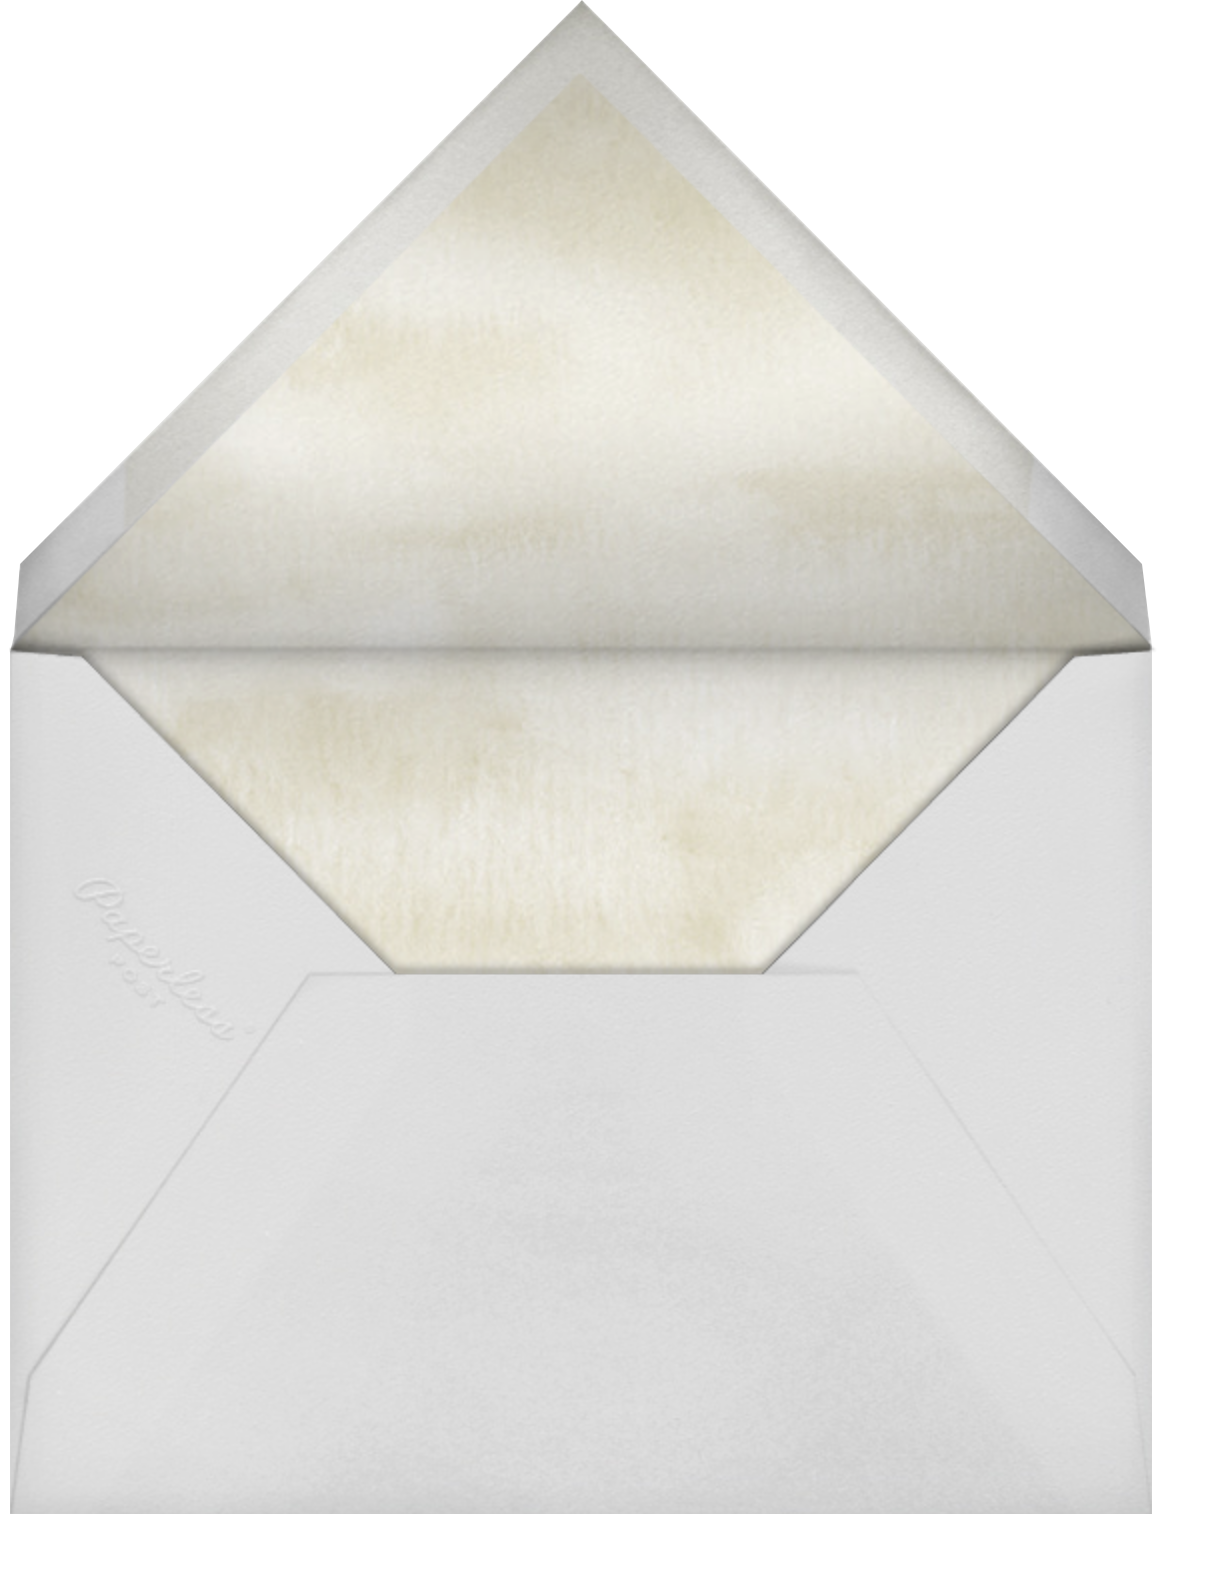 Lemon Leaves - Paper Source - Rehearsal dinner - envelope back